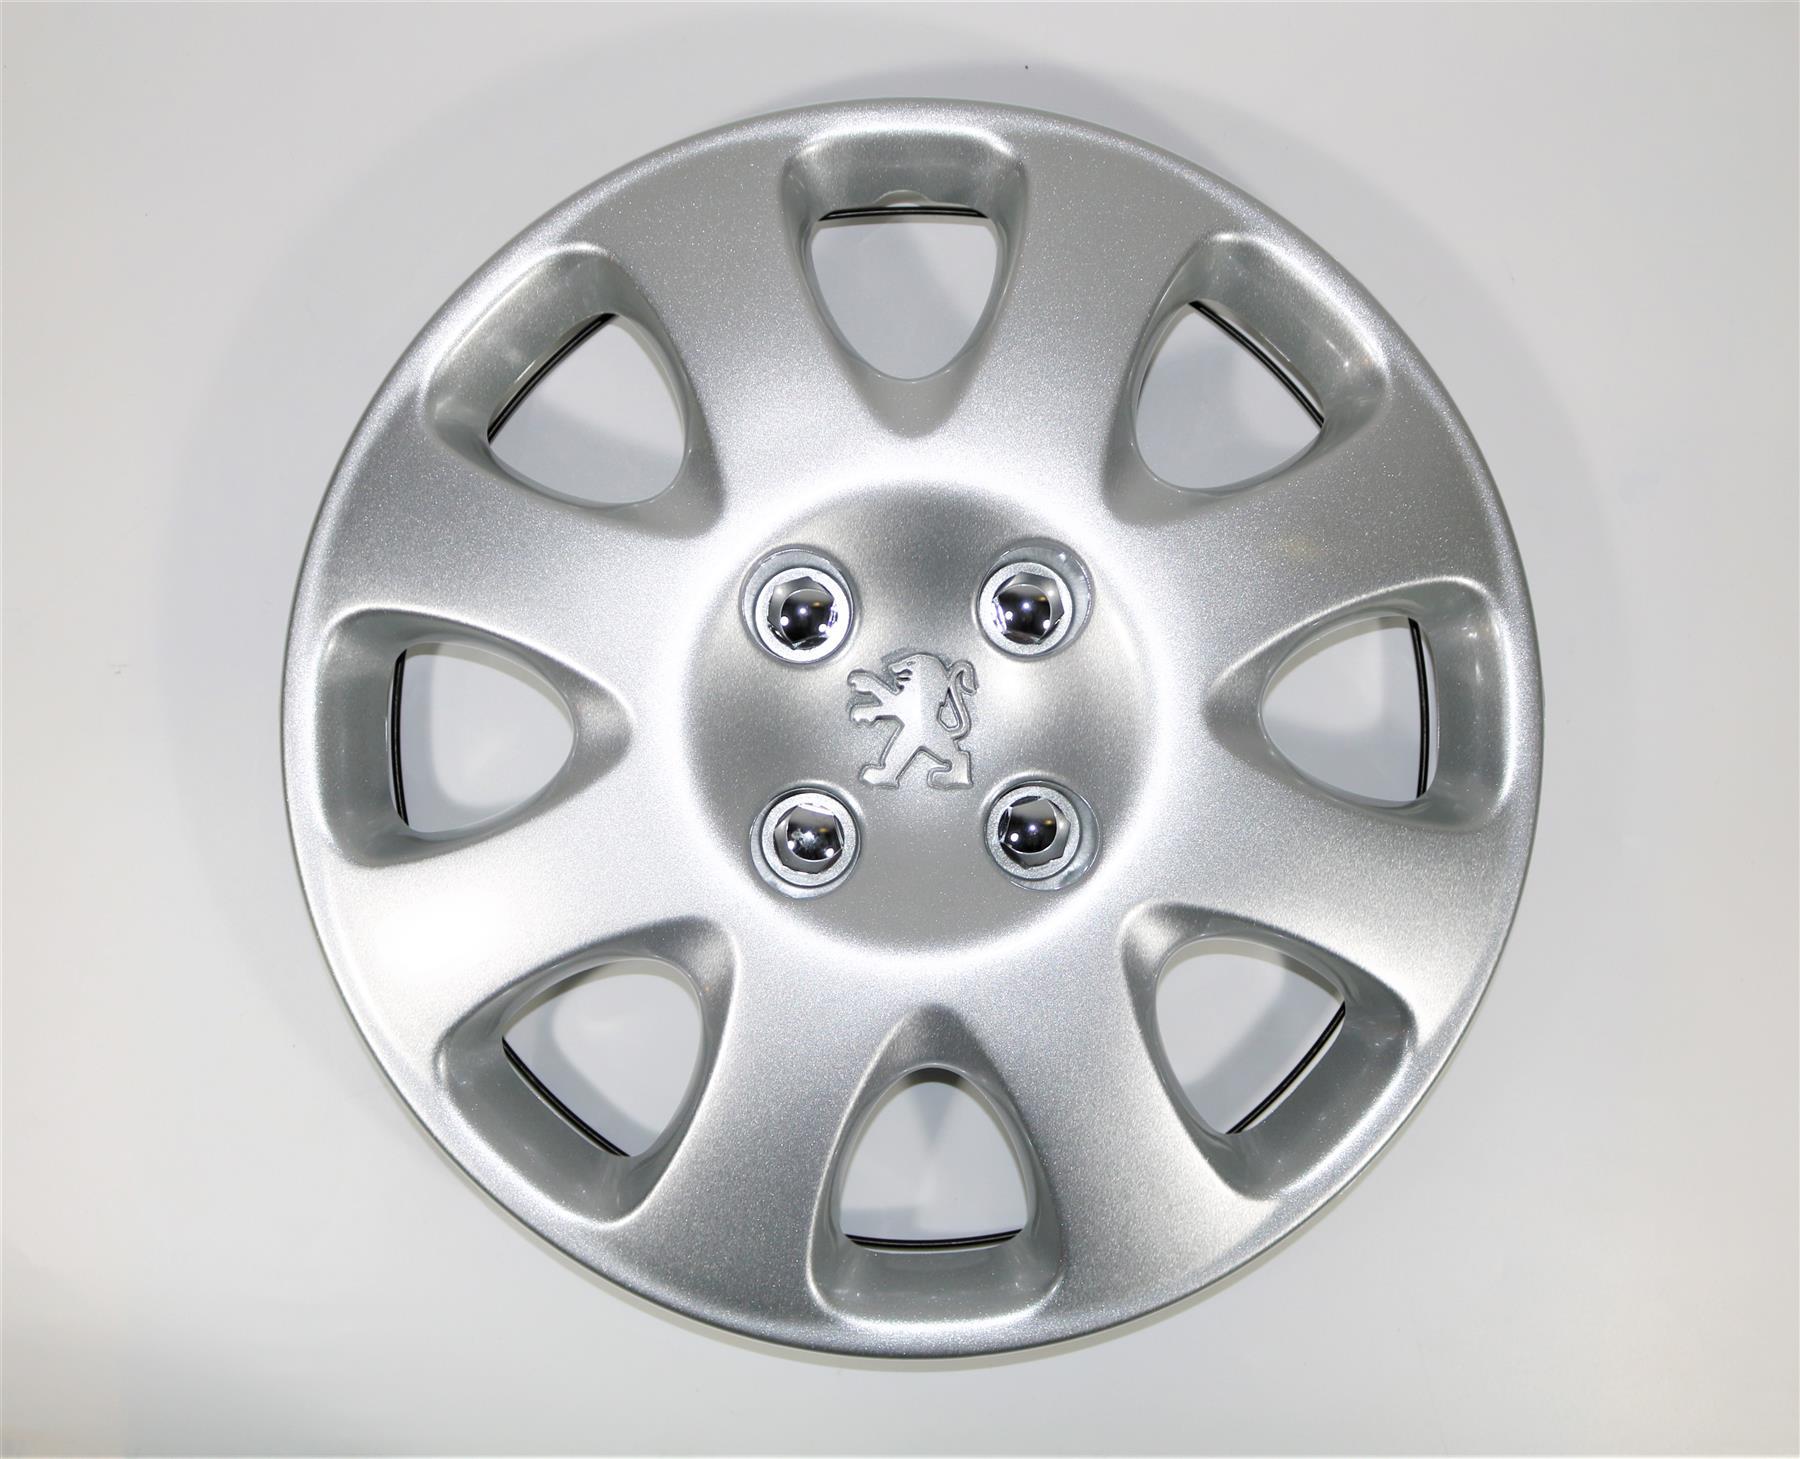 14 inch Active Car Alloy Wheel Trims Hub Caps Set of 4 1996-2003 CITROEN SAXO